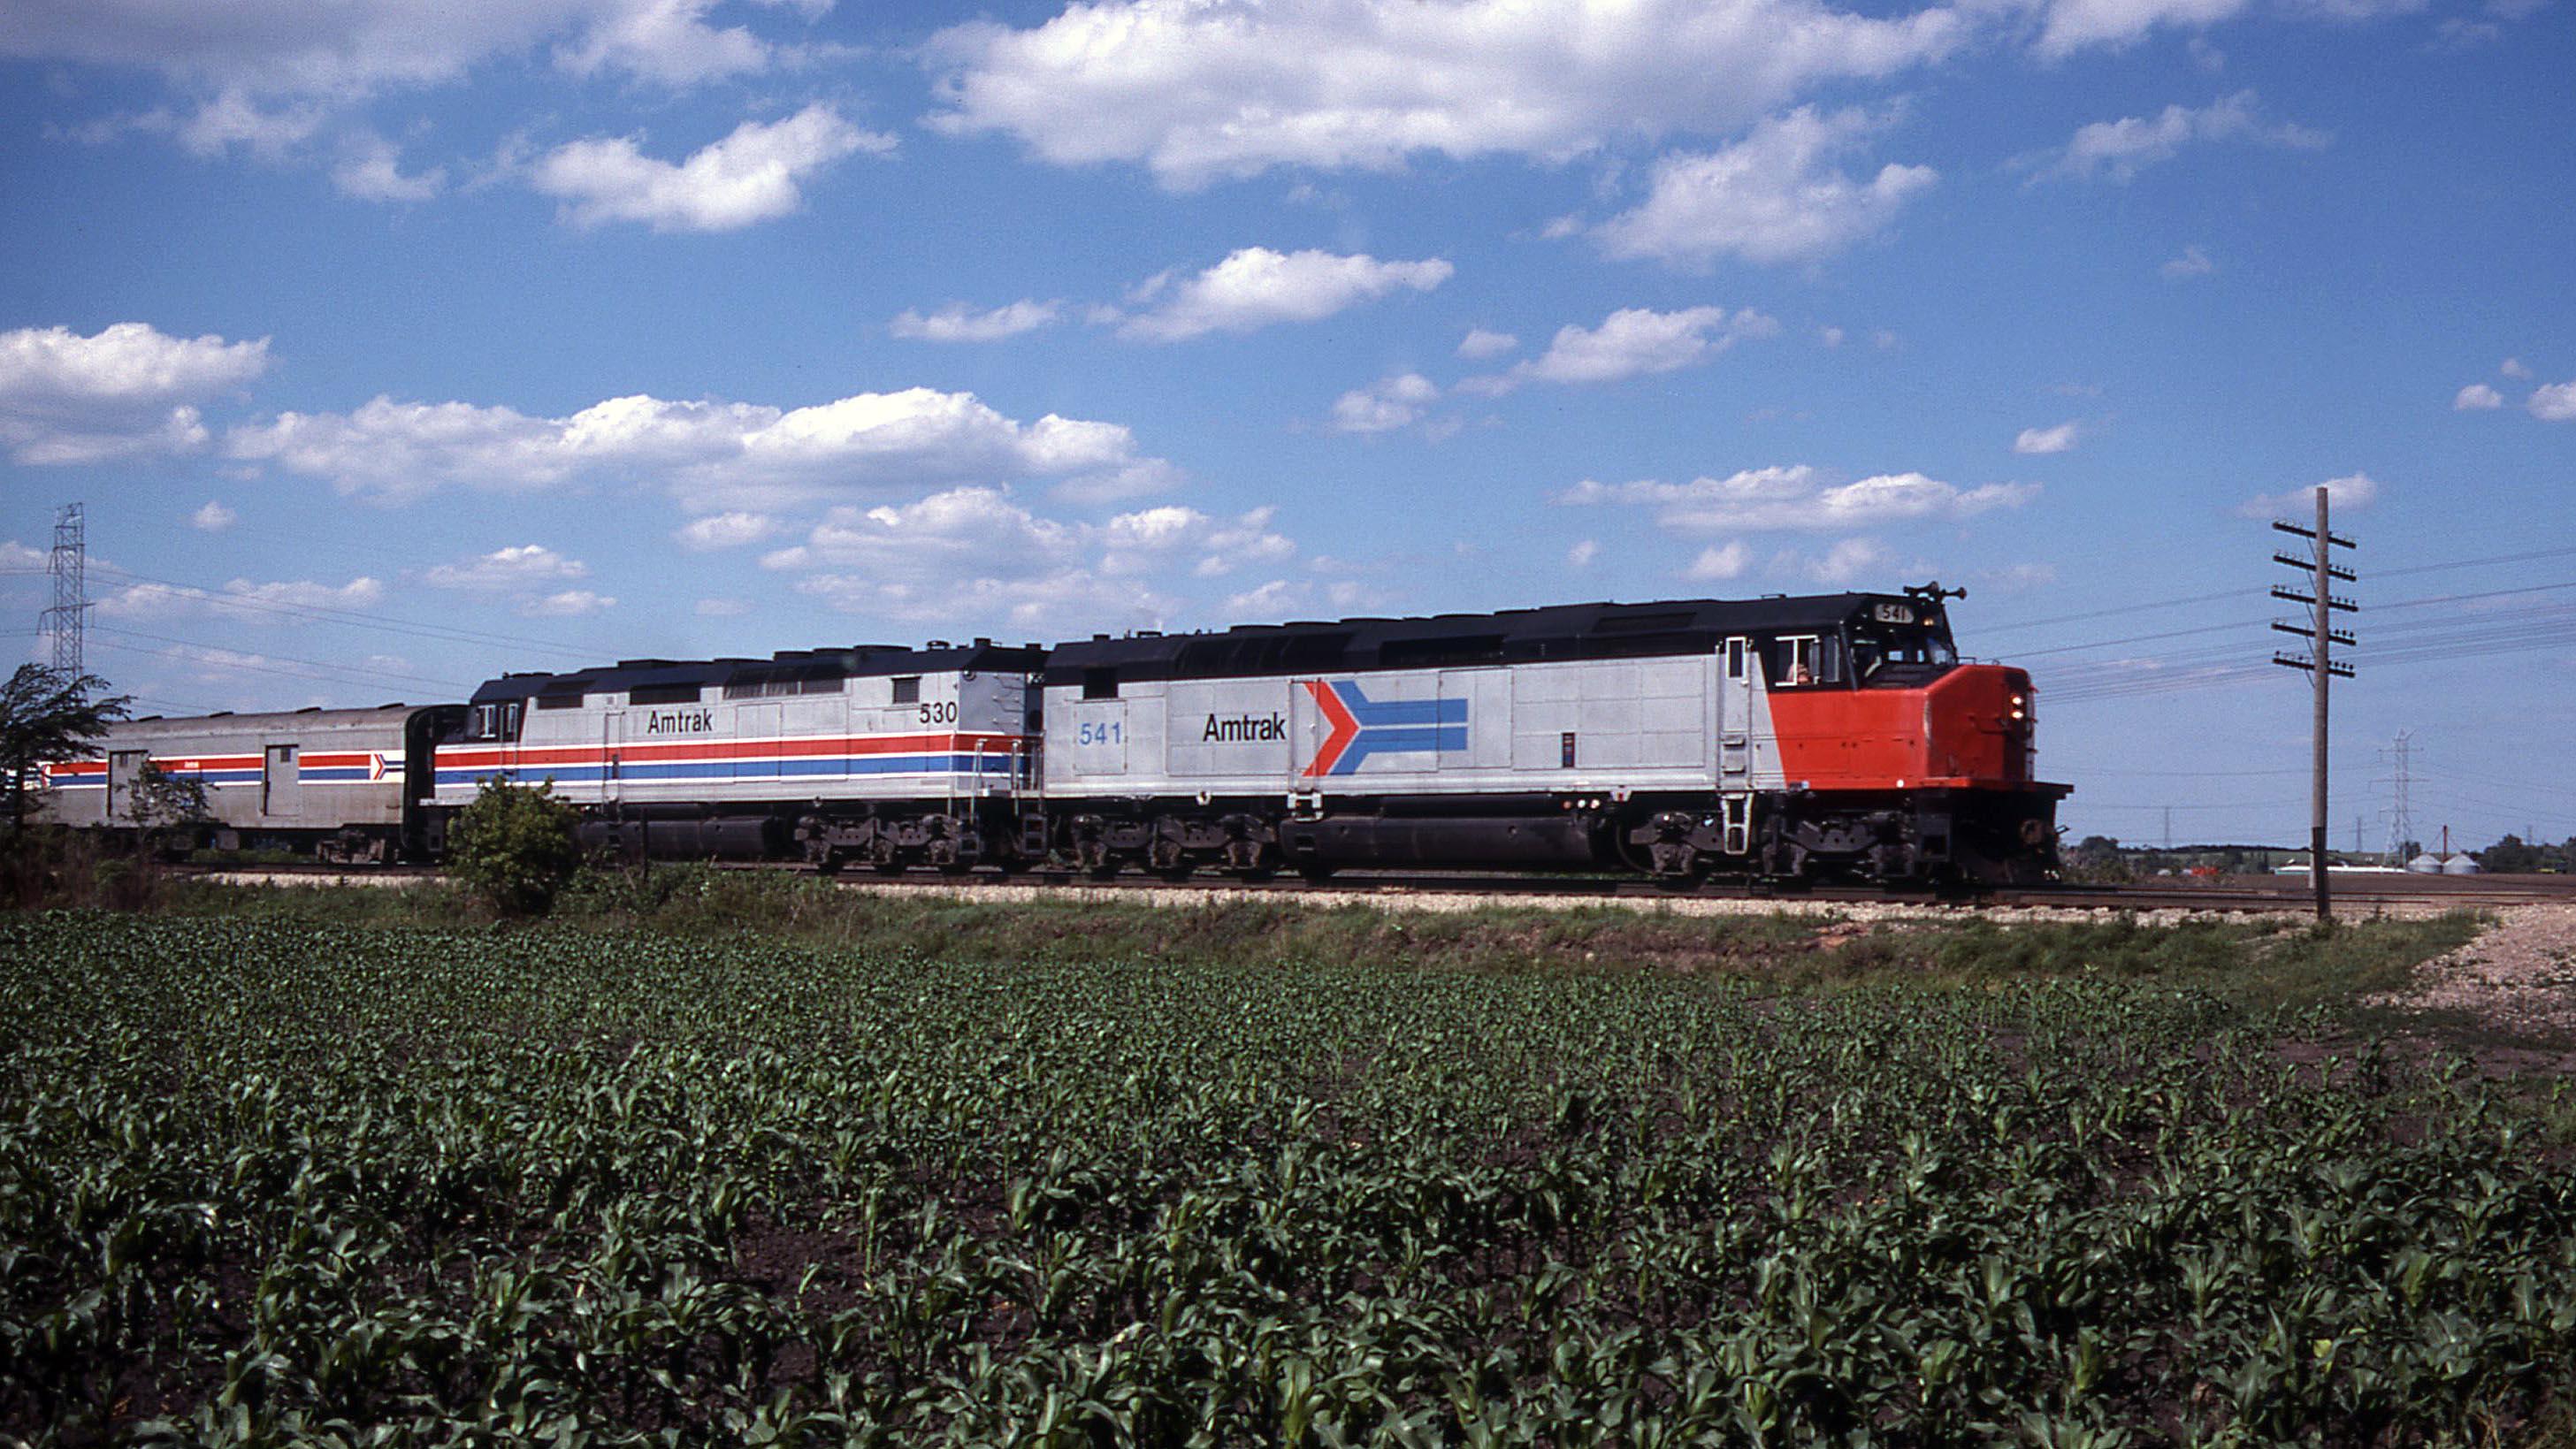 Amtrak-SDP40F-Wisconsin-Gary-Dolzall